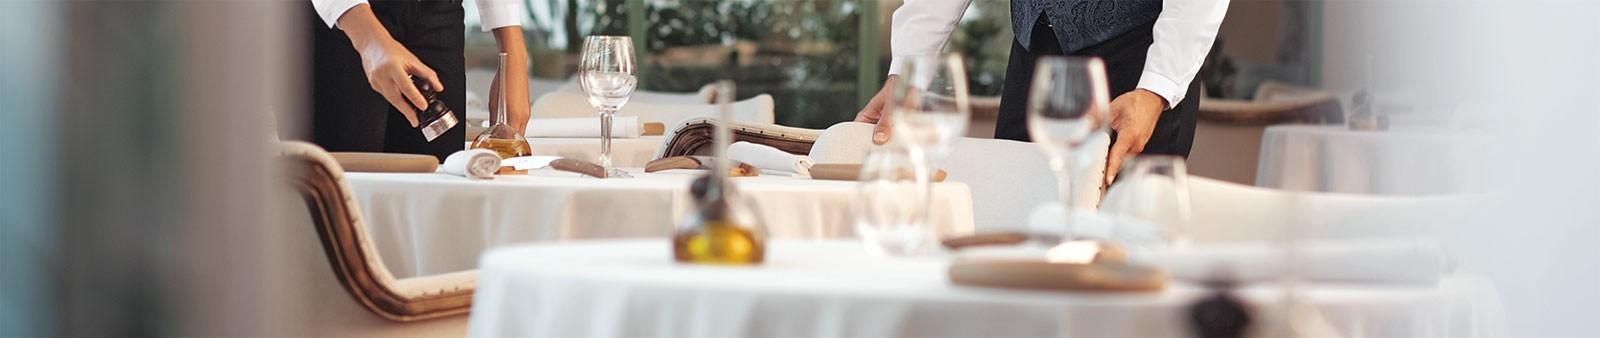 Hosen und Röcke - Service & Hotellerie